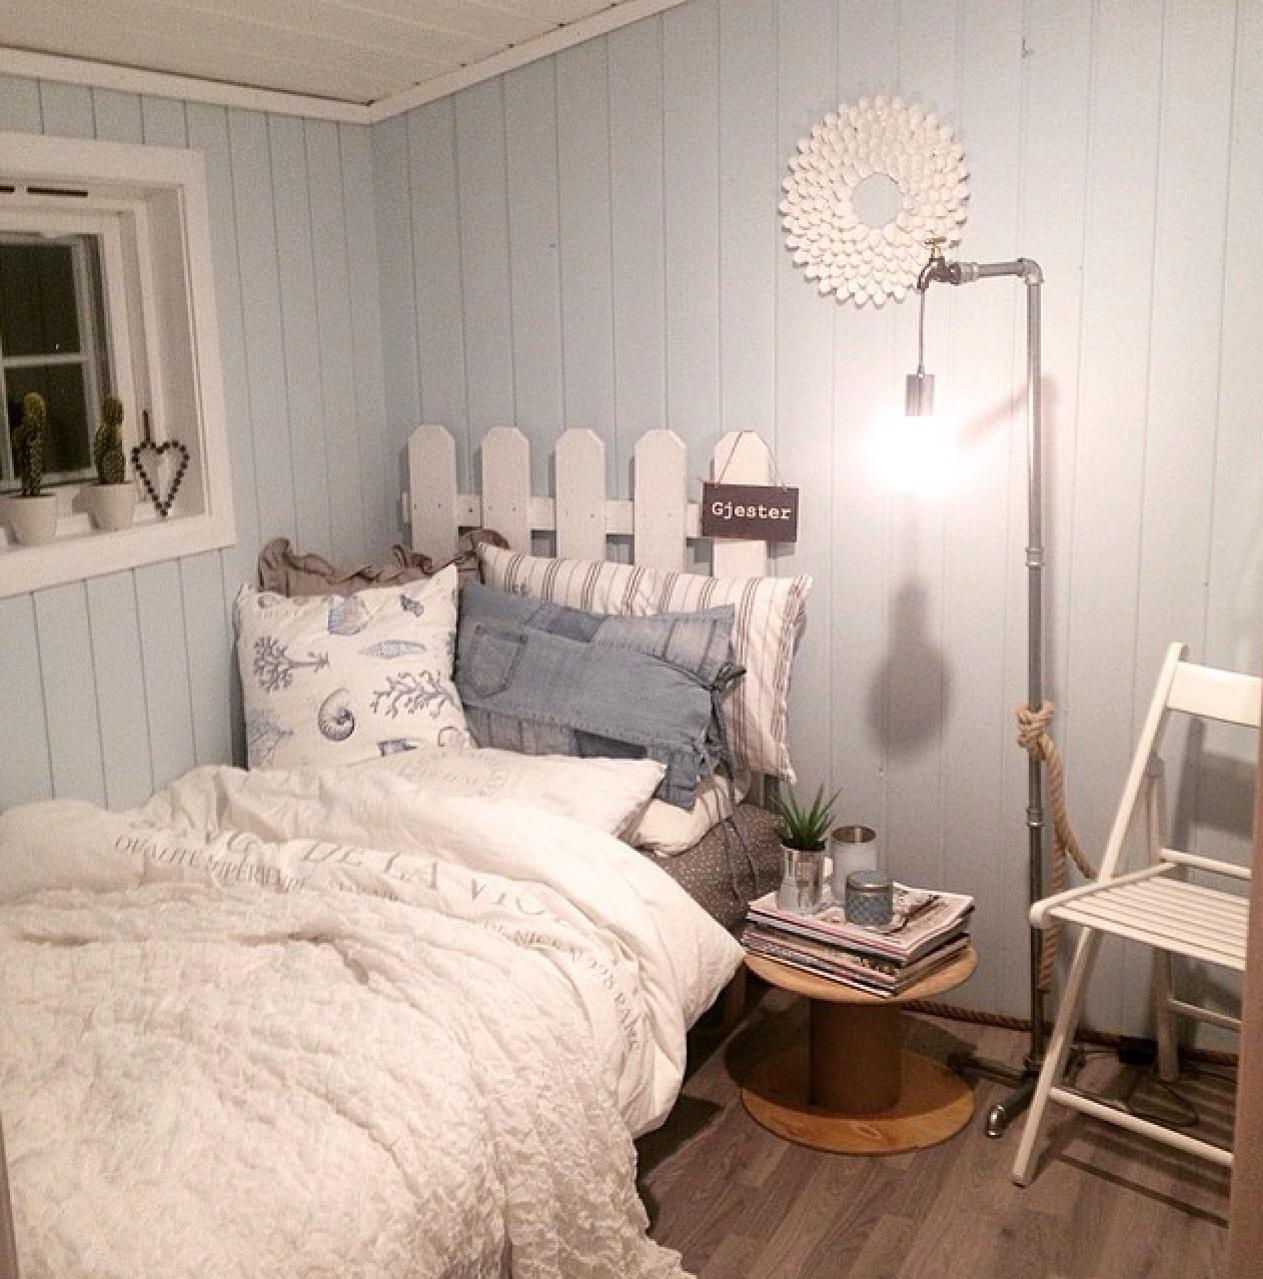 Fargen på veggen heter || Sval sjø || den virker litt mint når det er mørkt ute, og lyseblå på dagen ;) trommelbordet skal jeg male i samme farge som veggen, og kle bordplaten med gammel plank fra 1905